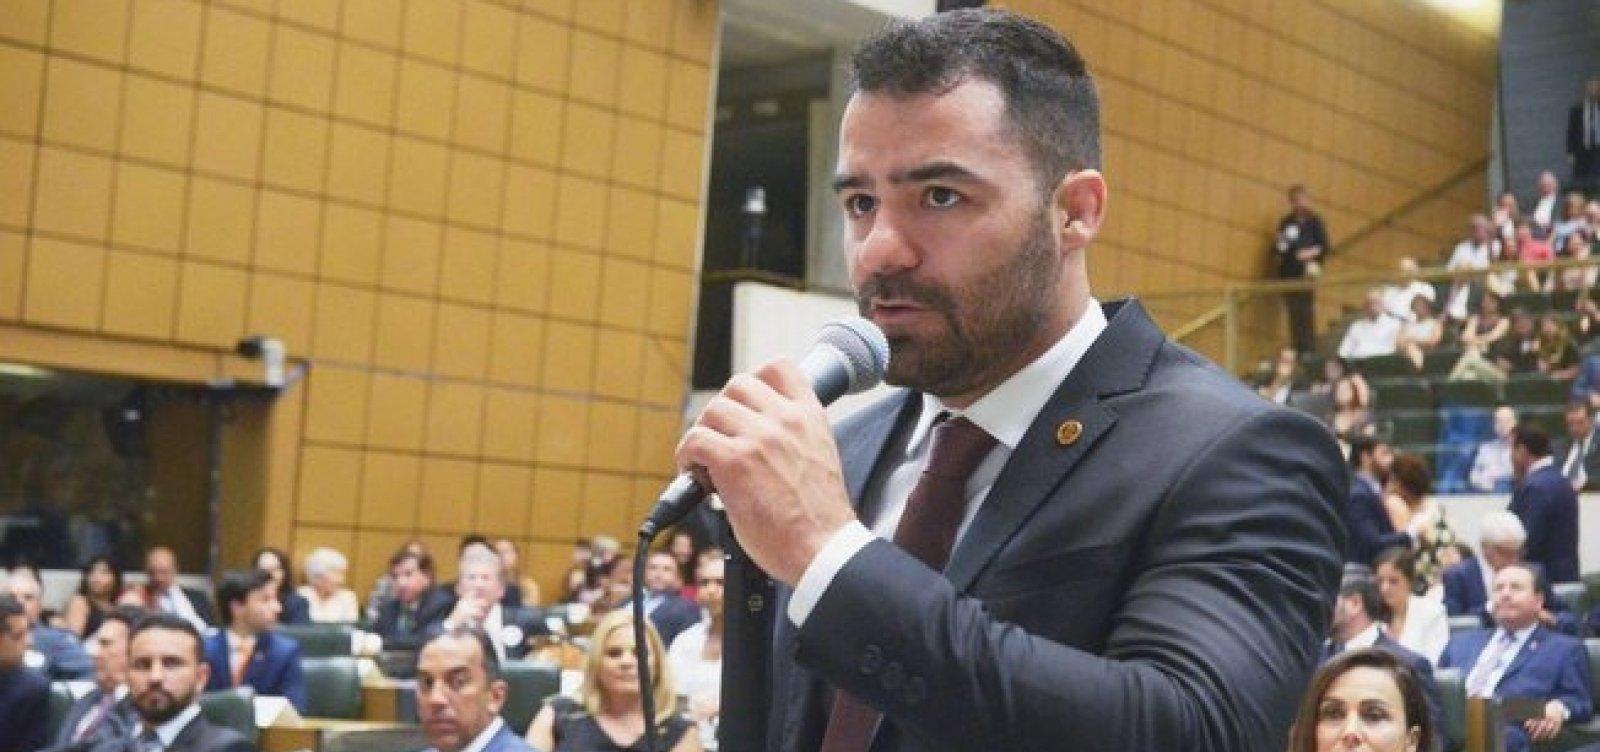 [DEM expulsa Arthur Mamãe Falei, pré-candidato do MBL à Prefeitura de São Paulo]